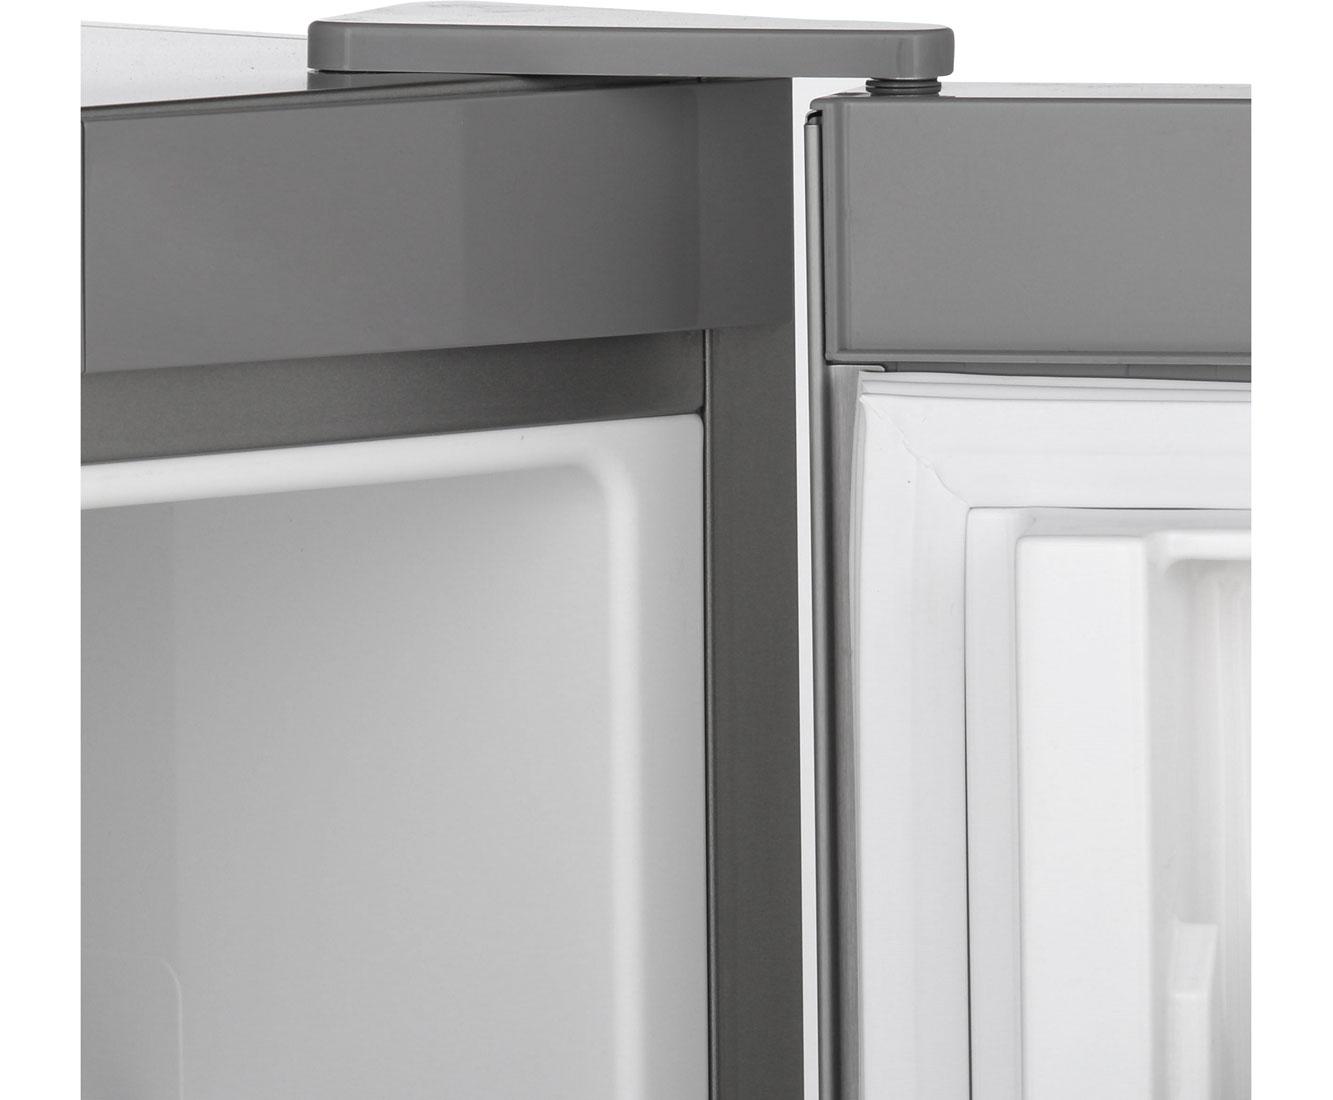 Gorenje Kühlschrank Haltbarkeit : Gorenje rk ex kühl gefrierkombination er breite edelstahl a